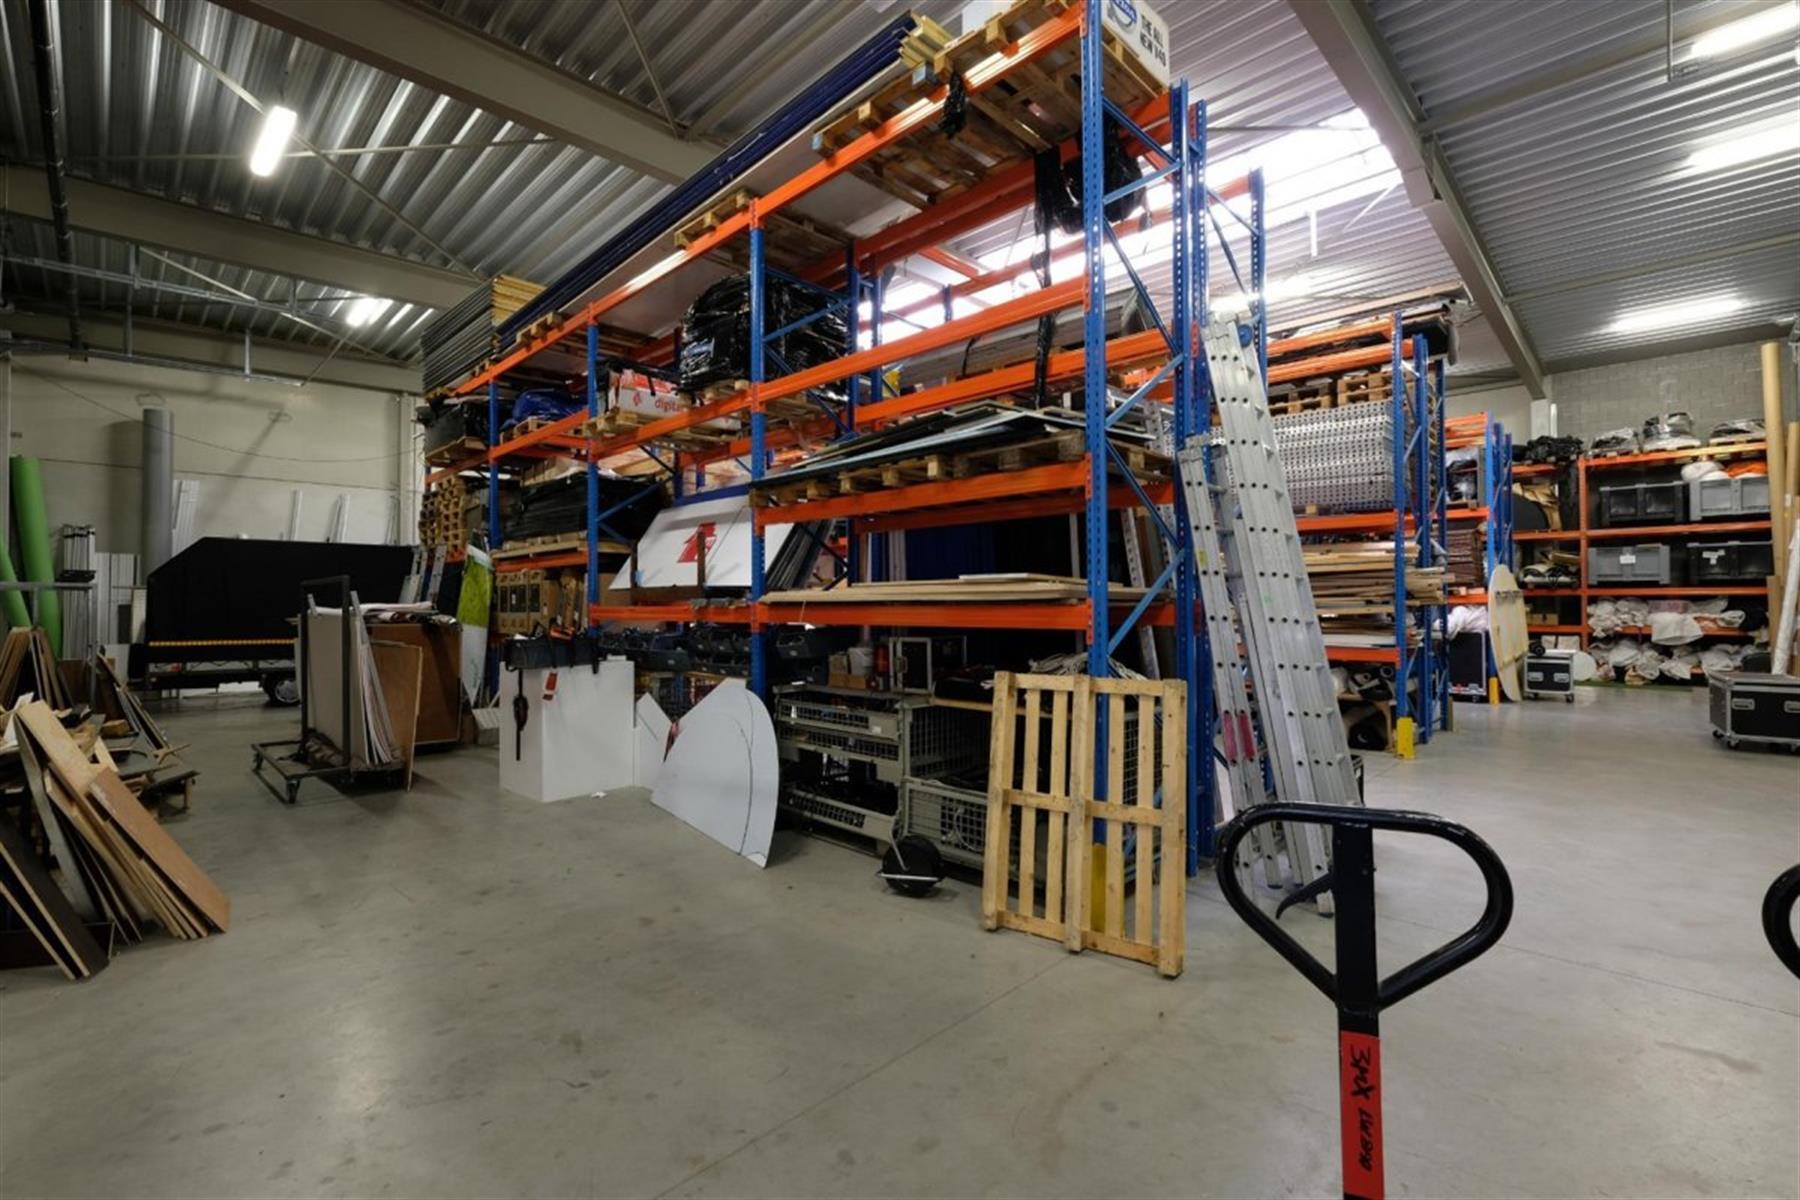 bedrijfsgebouw te koop I122 - Bedrijfsgebouw - Centrum-Zuid 3023 2, 3530 Houthalen-Helchteren, België 10